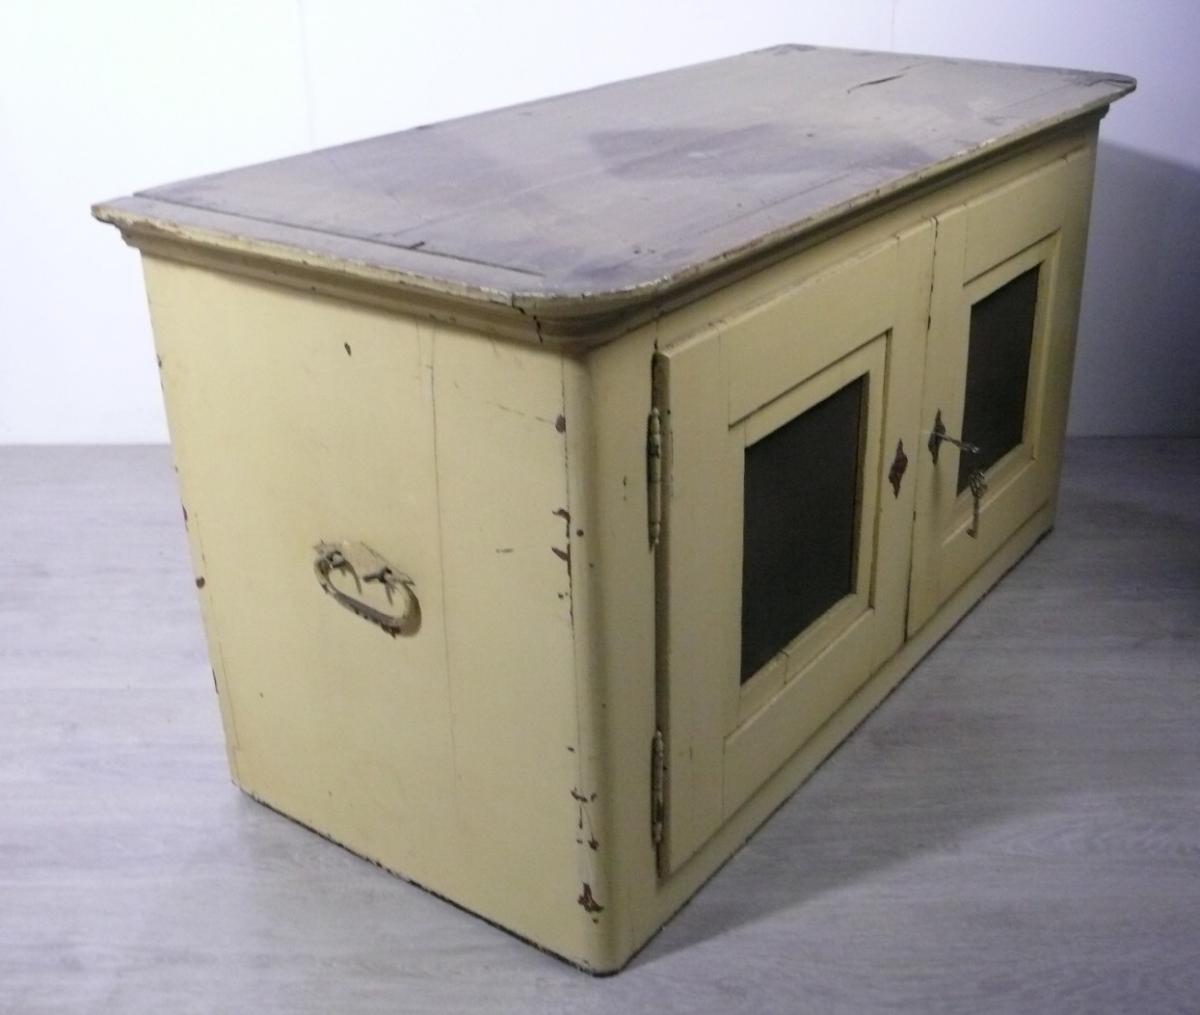 Antiker Stapelschrank Kuchenschrank 3 Schrank Elemente Shabby Beige Original Nr Oid 36139770 Oldthing Mehrteilige Schranke